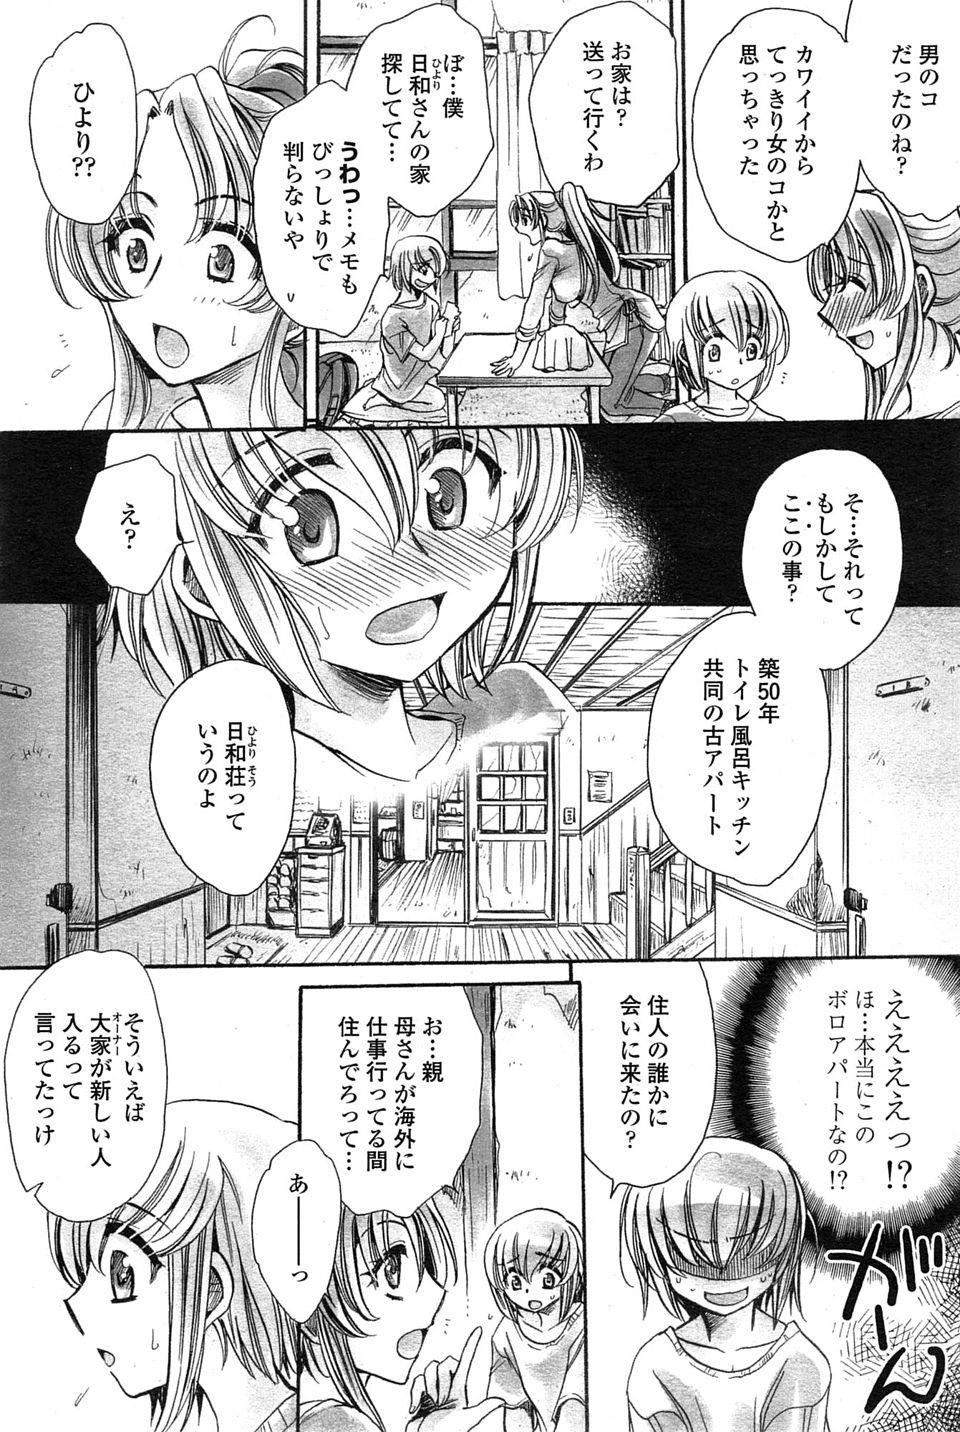 【エロ漫画・エロ同人誌】可愛い男の子が新しく住むボロアパートに来たら巨乳のお姉さんに誘惑されてエッチしちゃってるwお互い始めててイケなかったから連続セックスwww (2)